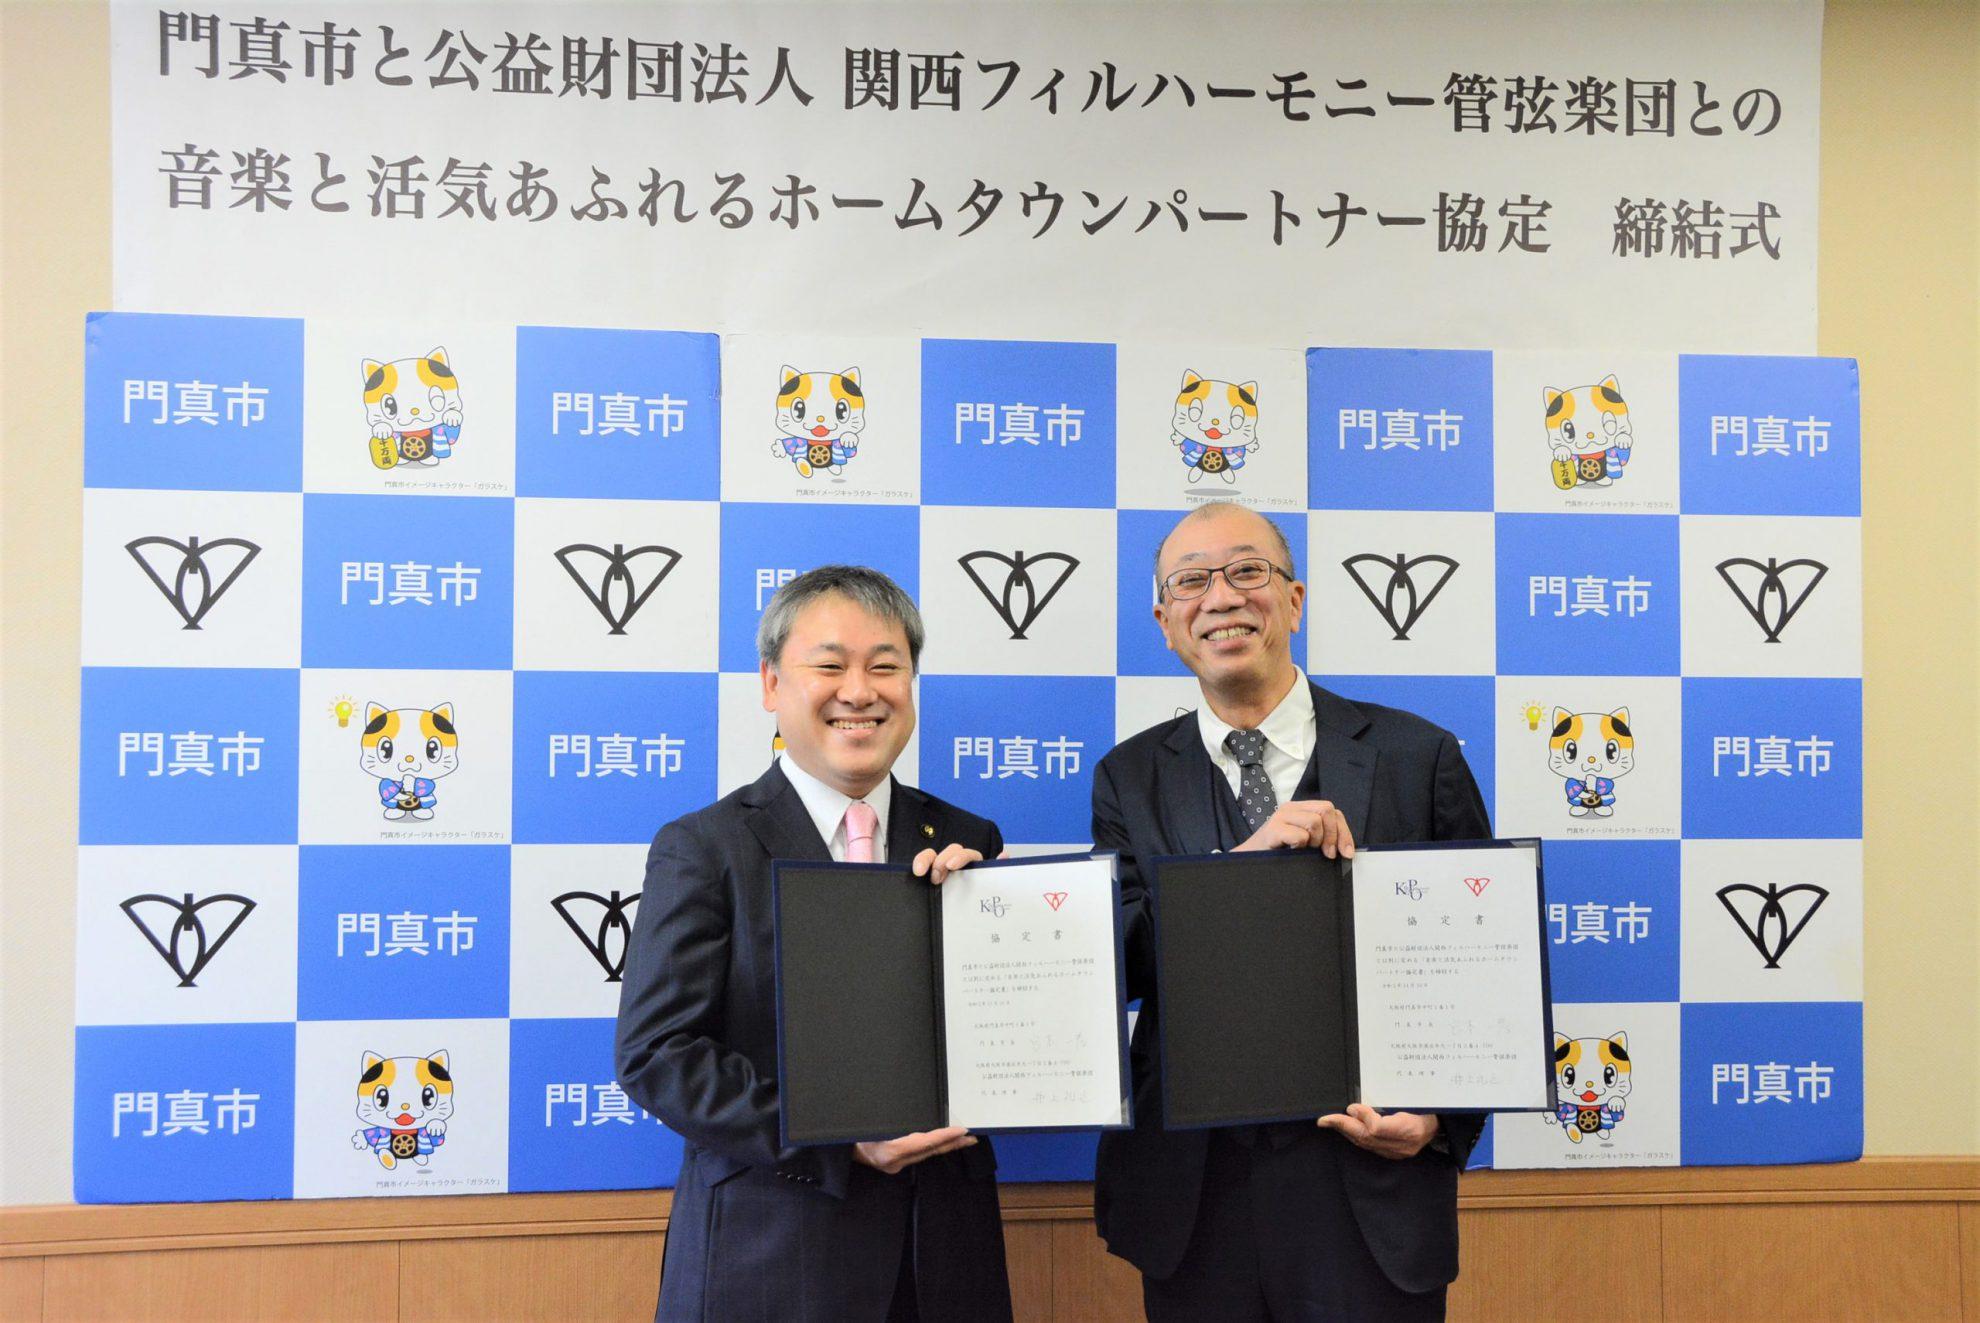 門真市と関西フィルハーモニー管弦楽団が「音楽と活気あふれるホームタウンパートナー協定」を締結しました